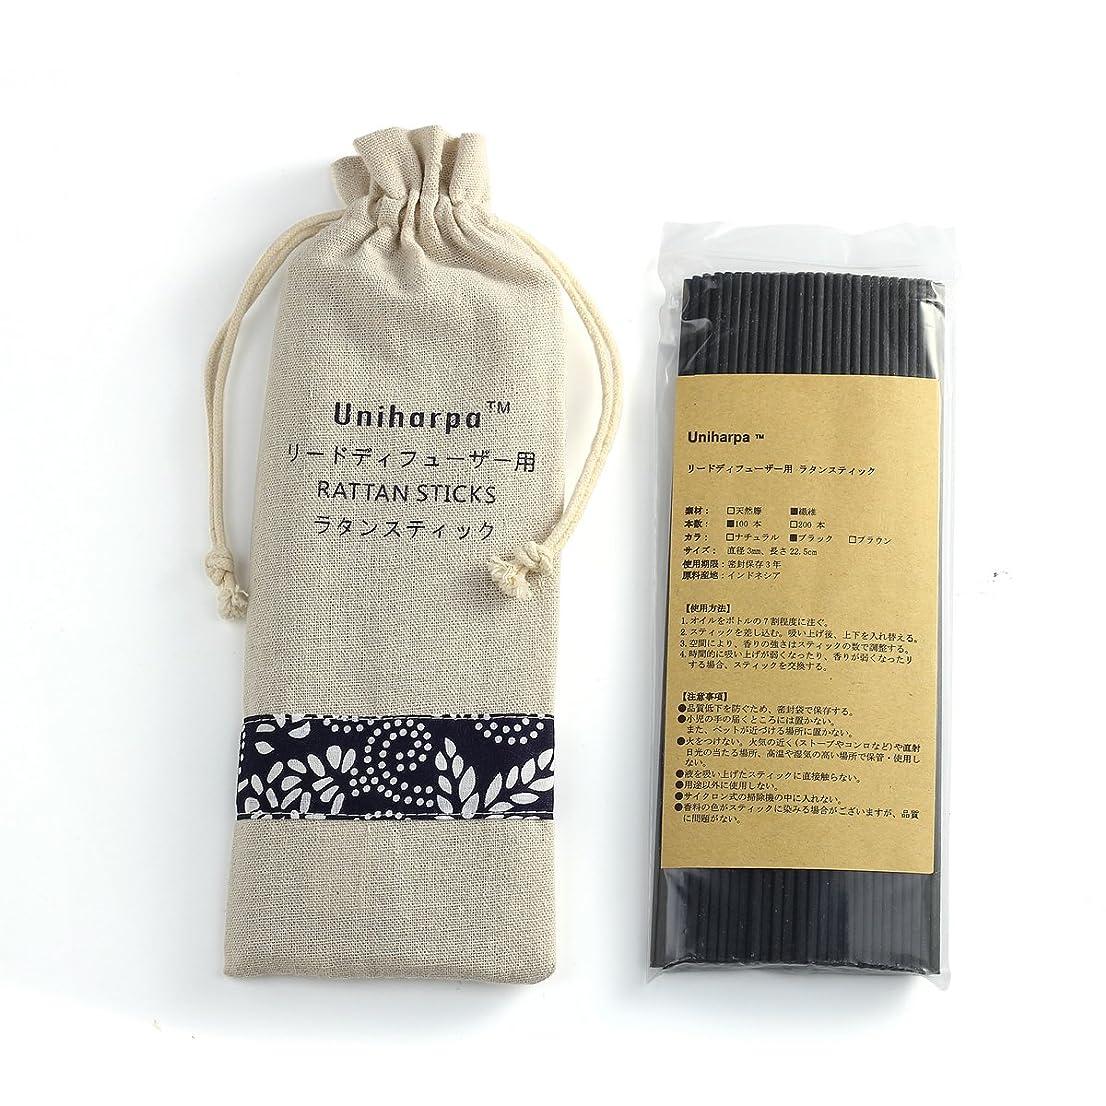 テレマコス粘り強い制限するリードディフューザー用 ラタンスティック/リードスティック リフィル 繊維素材 22.5cm 直径3mm 100本入 乾燥剤入り オリジナル旅行専用袋付 (ブラック)